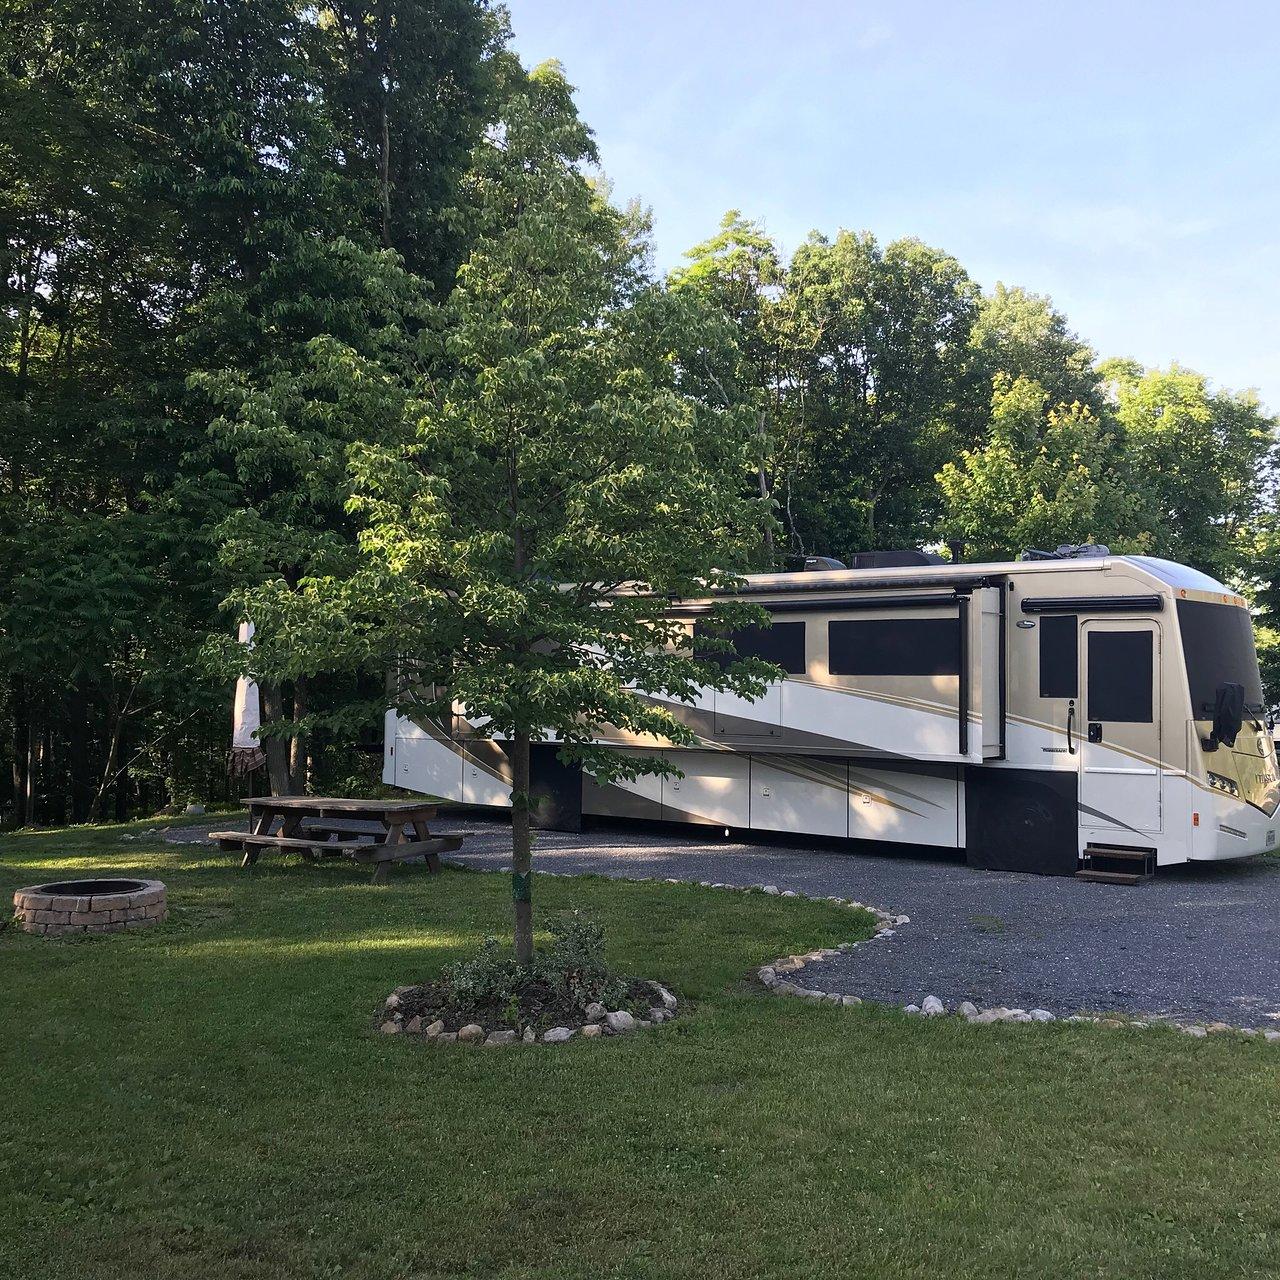 STONYBROOK RV RESORT - Updated 2019 Campground Reviews